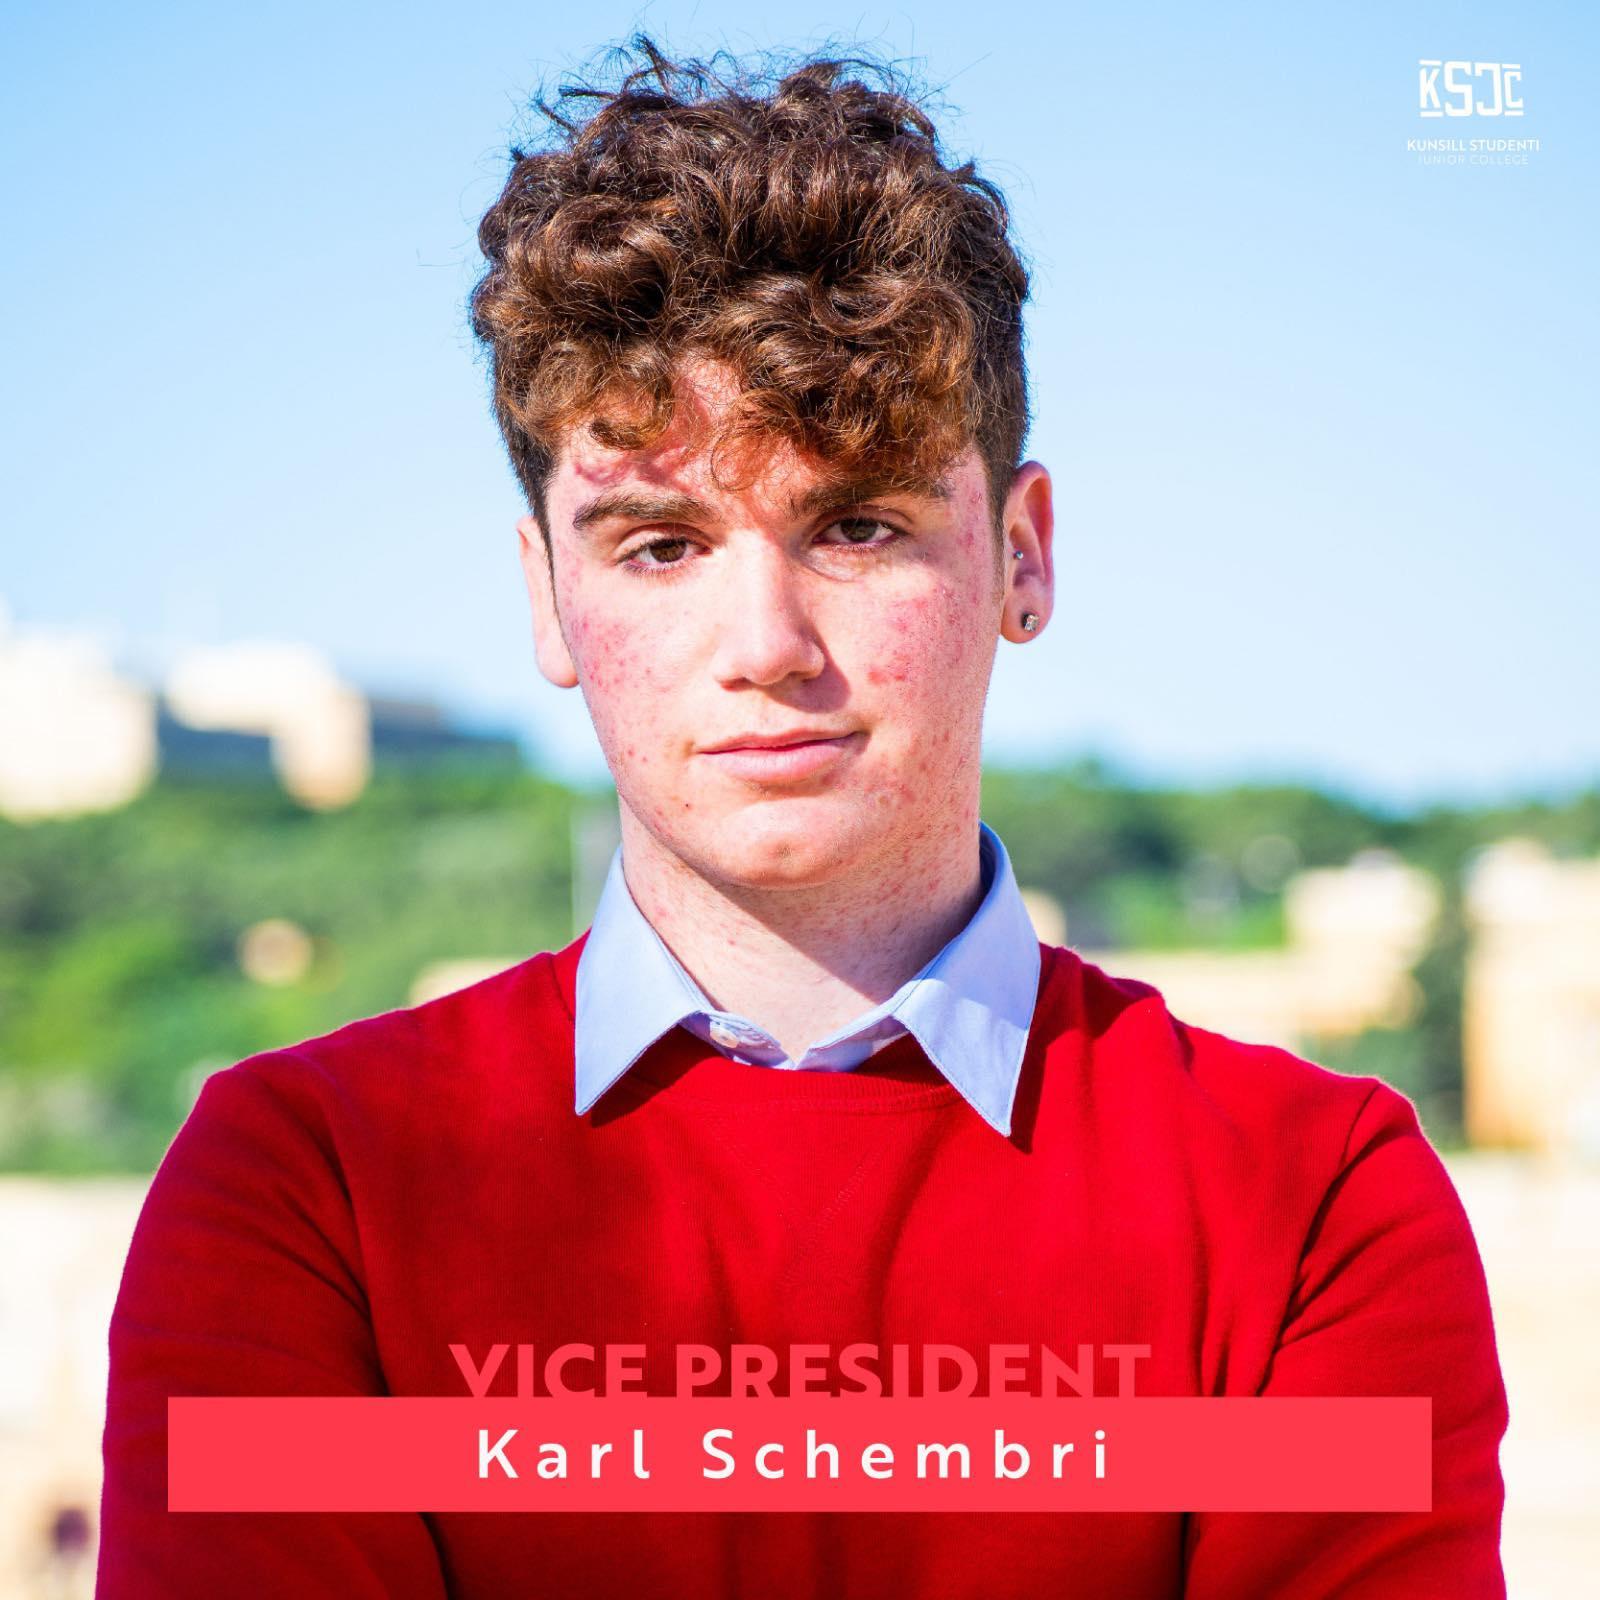 Karl Schembri